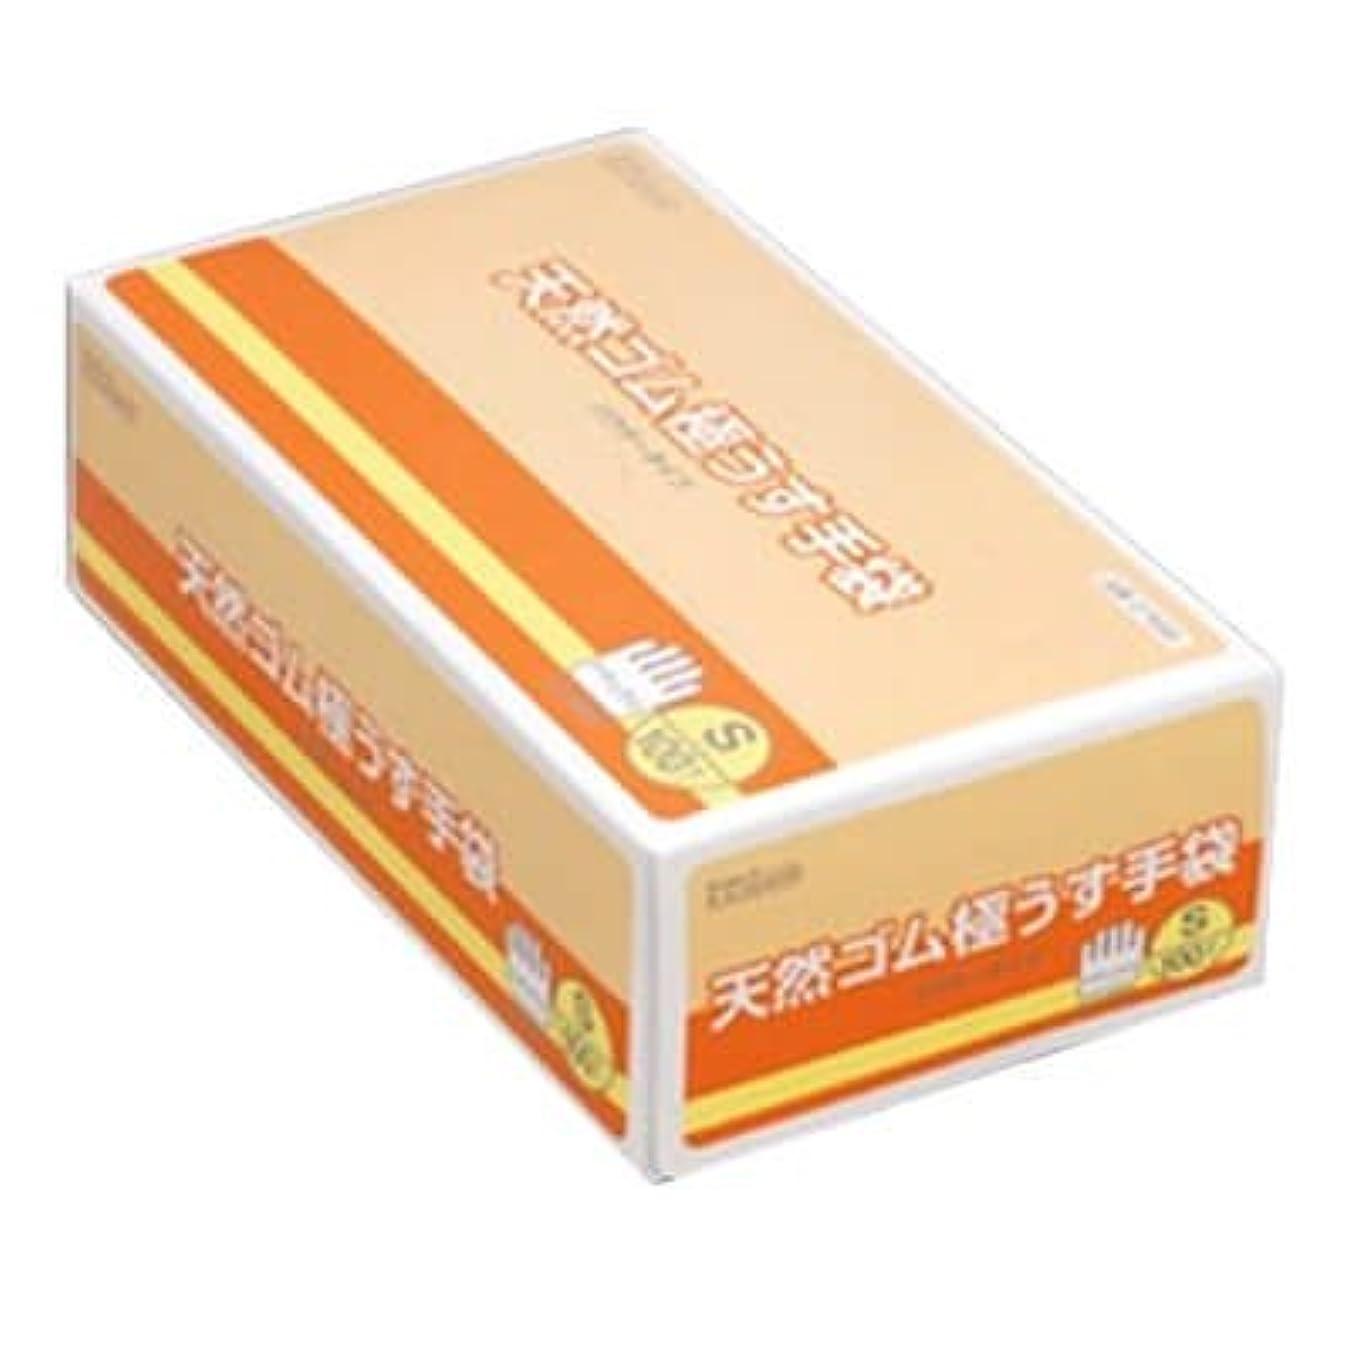 蚊証言する抵抗する【ケース販売】 ダンロップ 天然ゴム極うす手袋 S ナチュラル (100枚入×20箱)